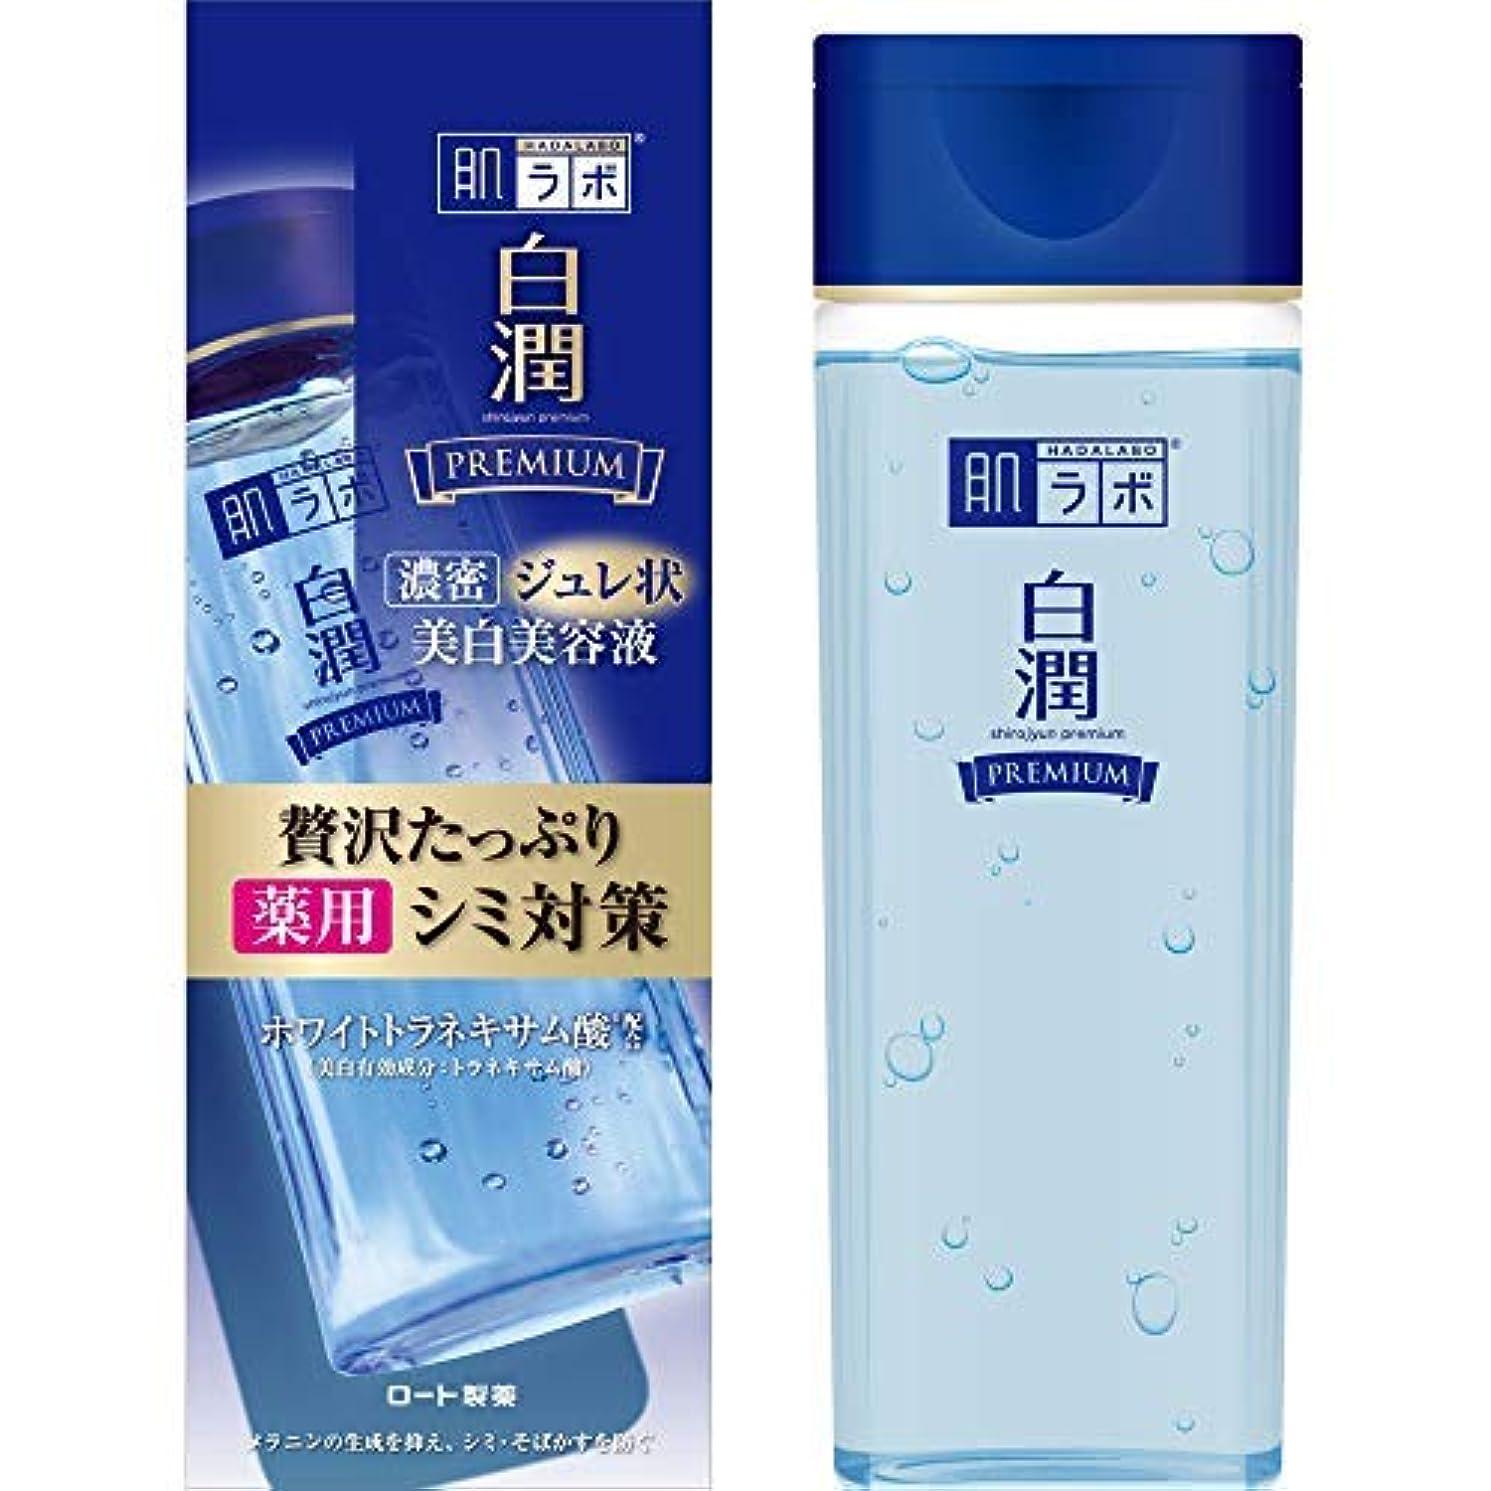 肌ラボ 白潤プレミアム 薬用ジュレ状美白美容液 × 12個セット